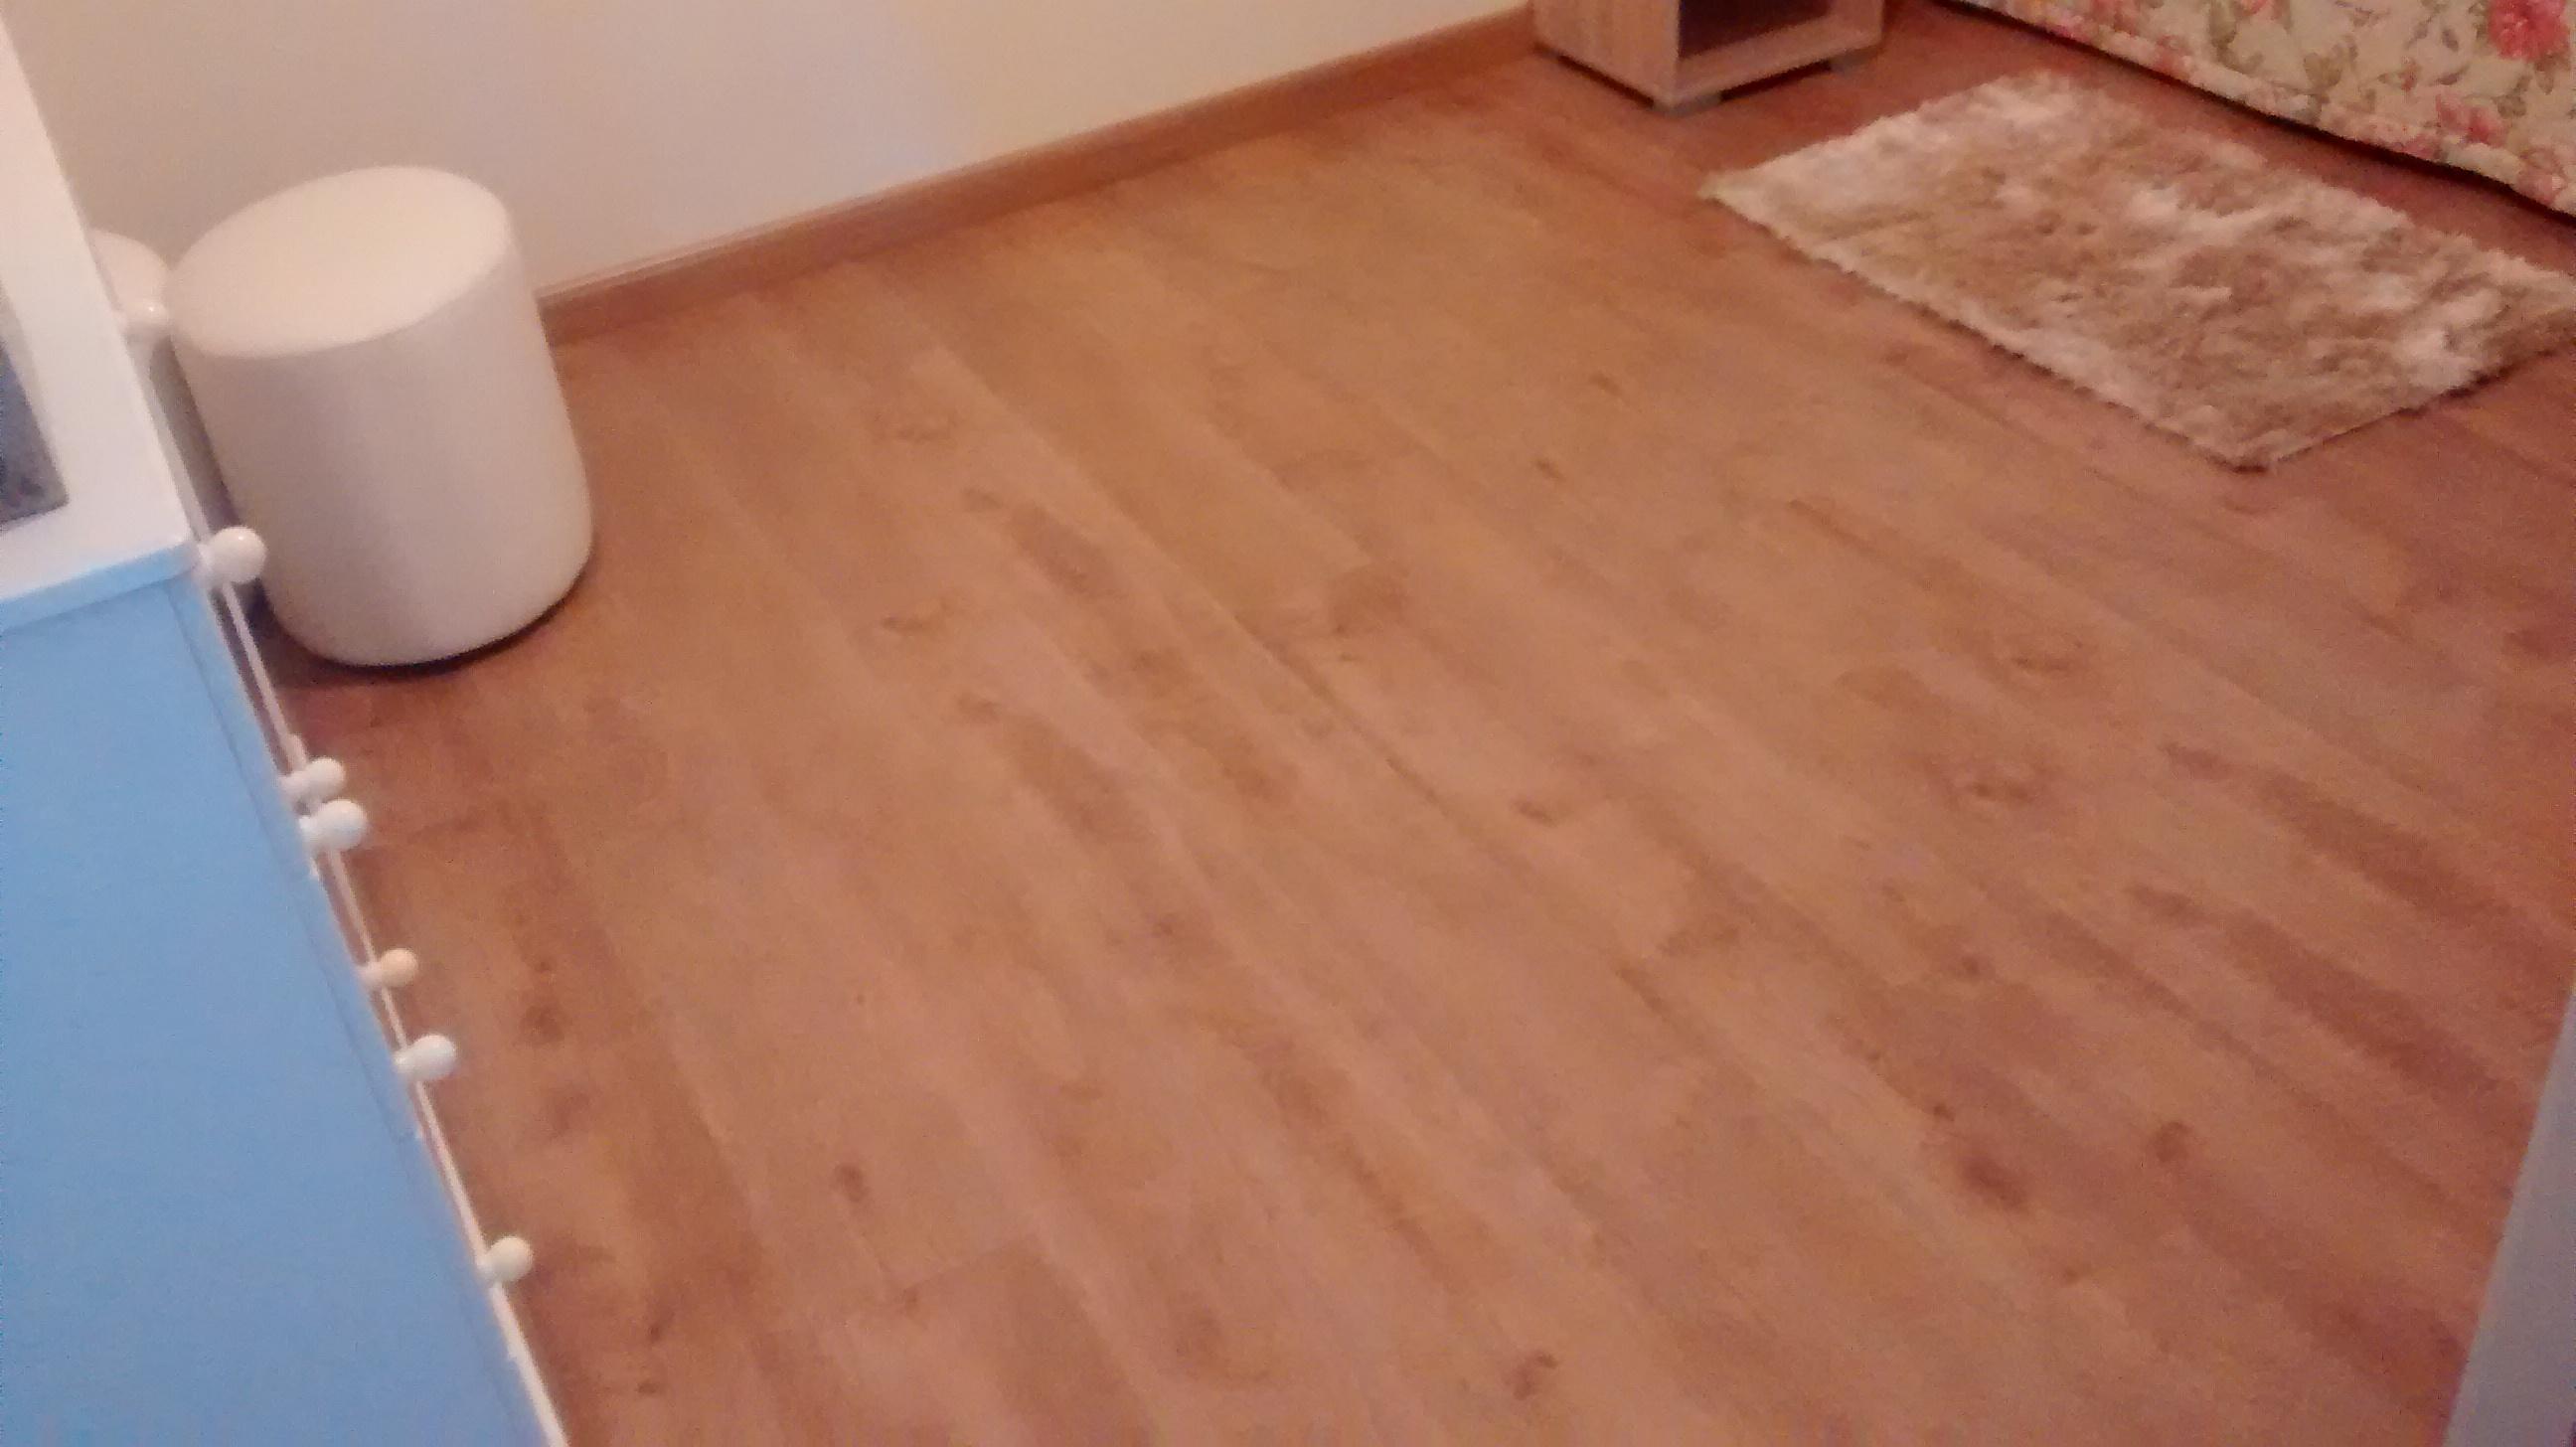 72m²_de_Piso_Laminado_Durafloor_Nature_Cor_Carvalho_Viena_com_Rodapé_Clean_8cm_na_cor_do_piso_e_Cort